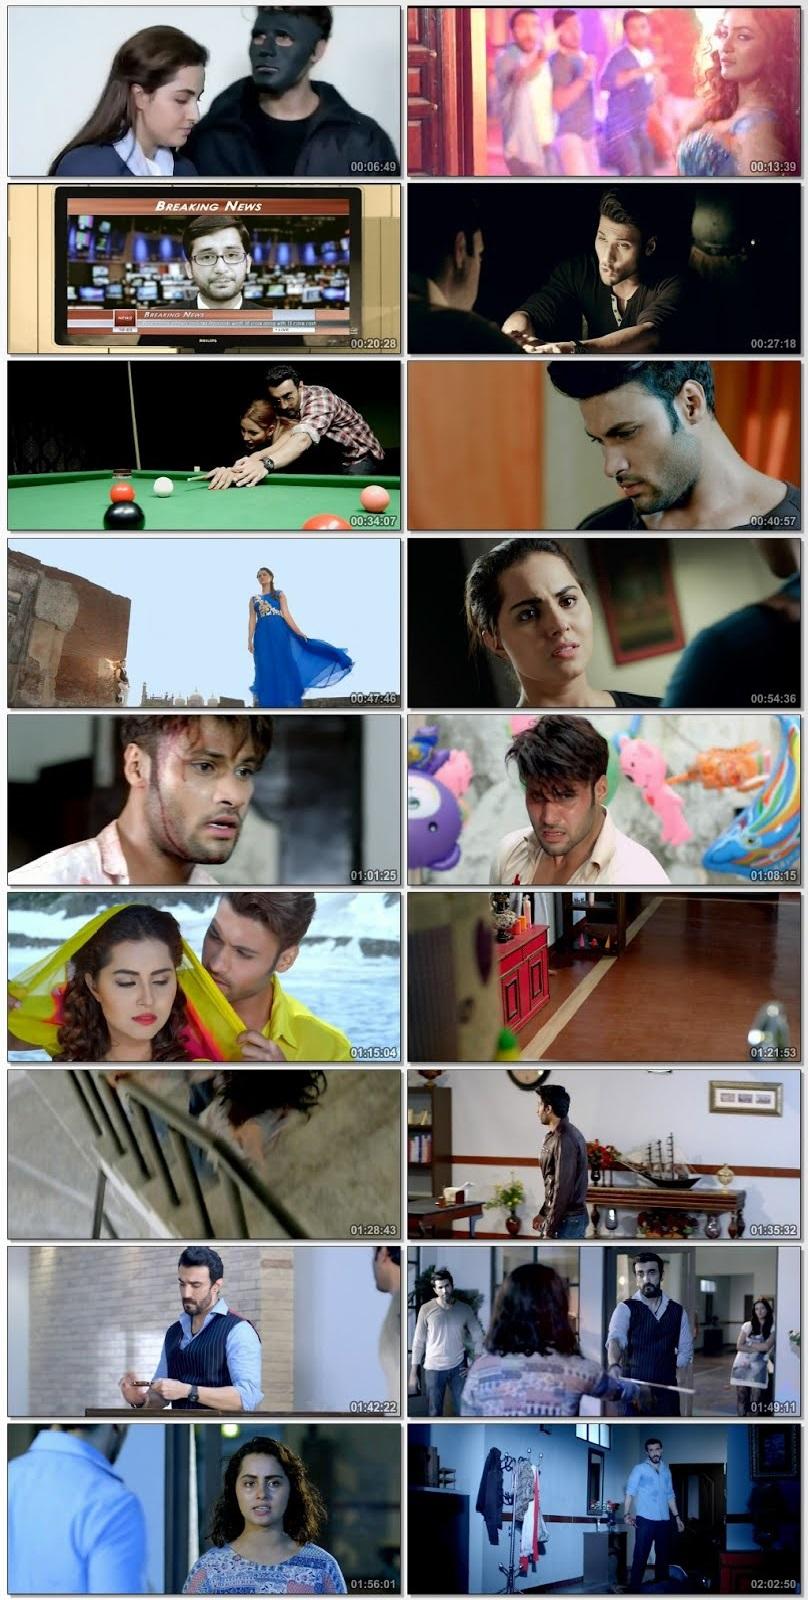 Blind%2BLove%2B%25282016%2529%2B1GB%2B720P%2BHDRip%2BUrdu%2BMovie%2BESubs Watch Online Blind Love 2016 Full Urdu Movie Free Download HD 720P